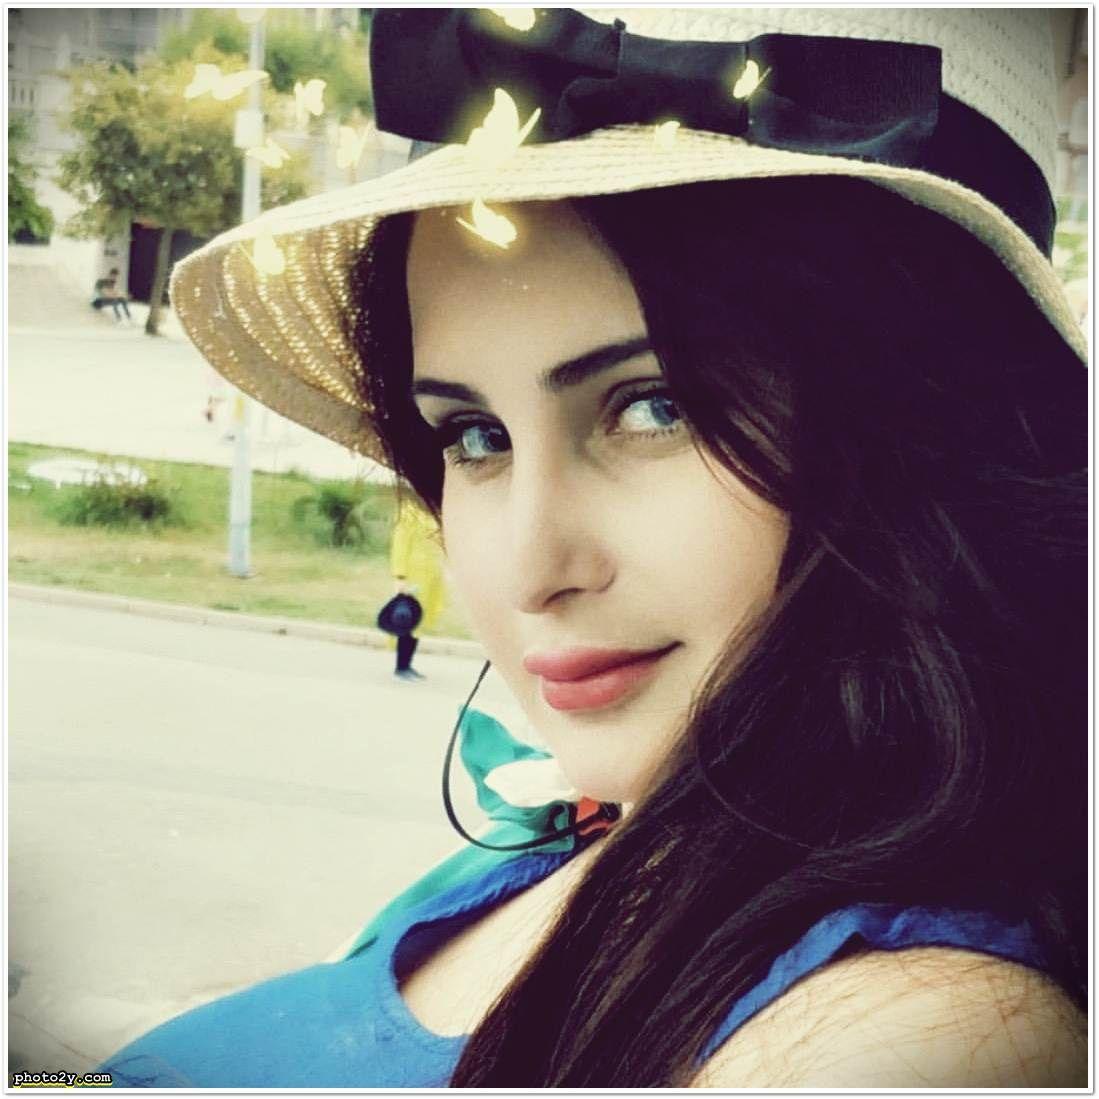 صور بنات من السعوديه بملابس شفافة Beautiful Women Beautiful Women